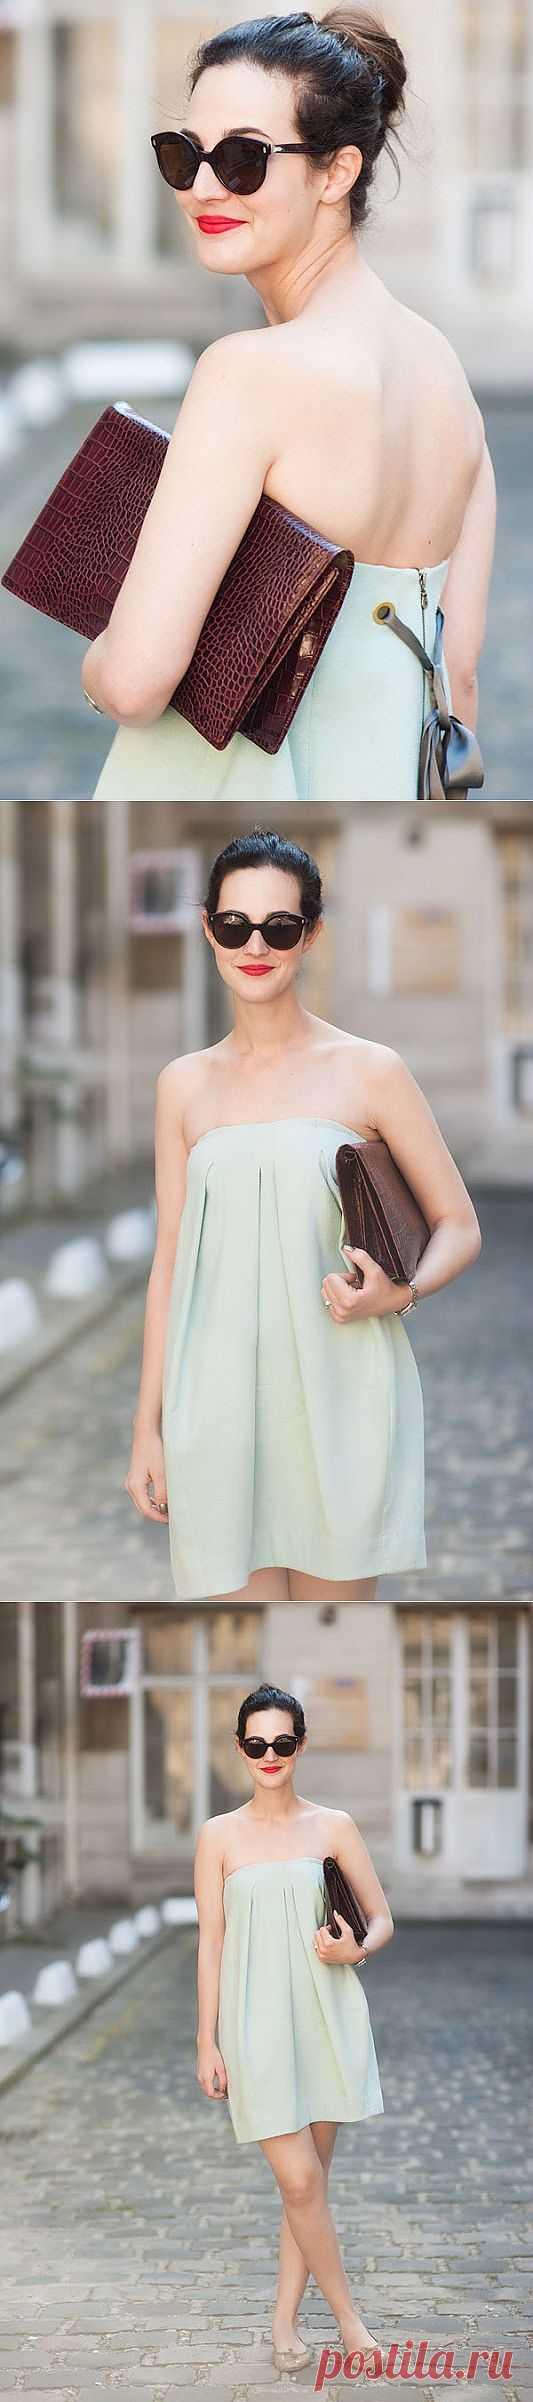 Платье-юбка? / Street Style / Модный сайт о стильной переделке одежды и интерьера